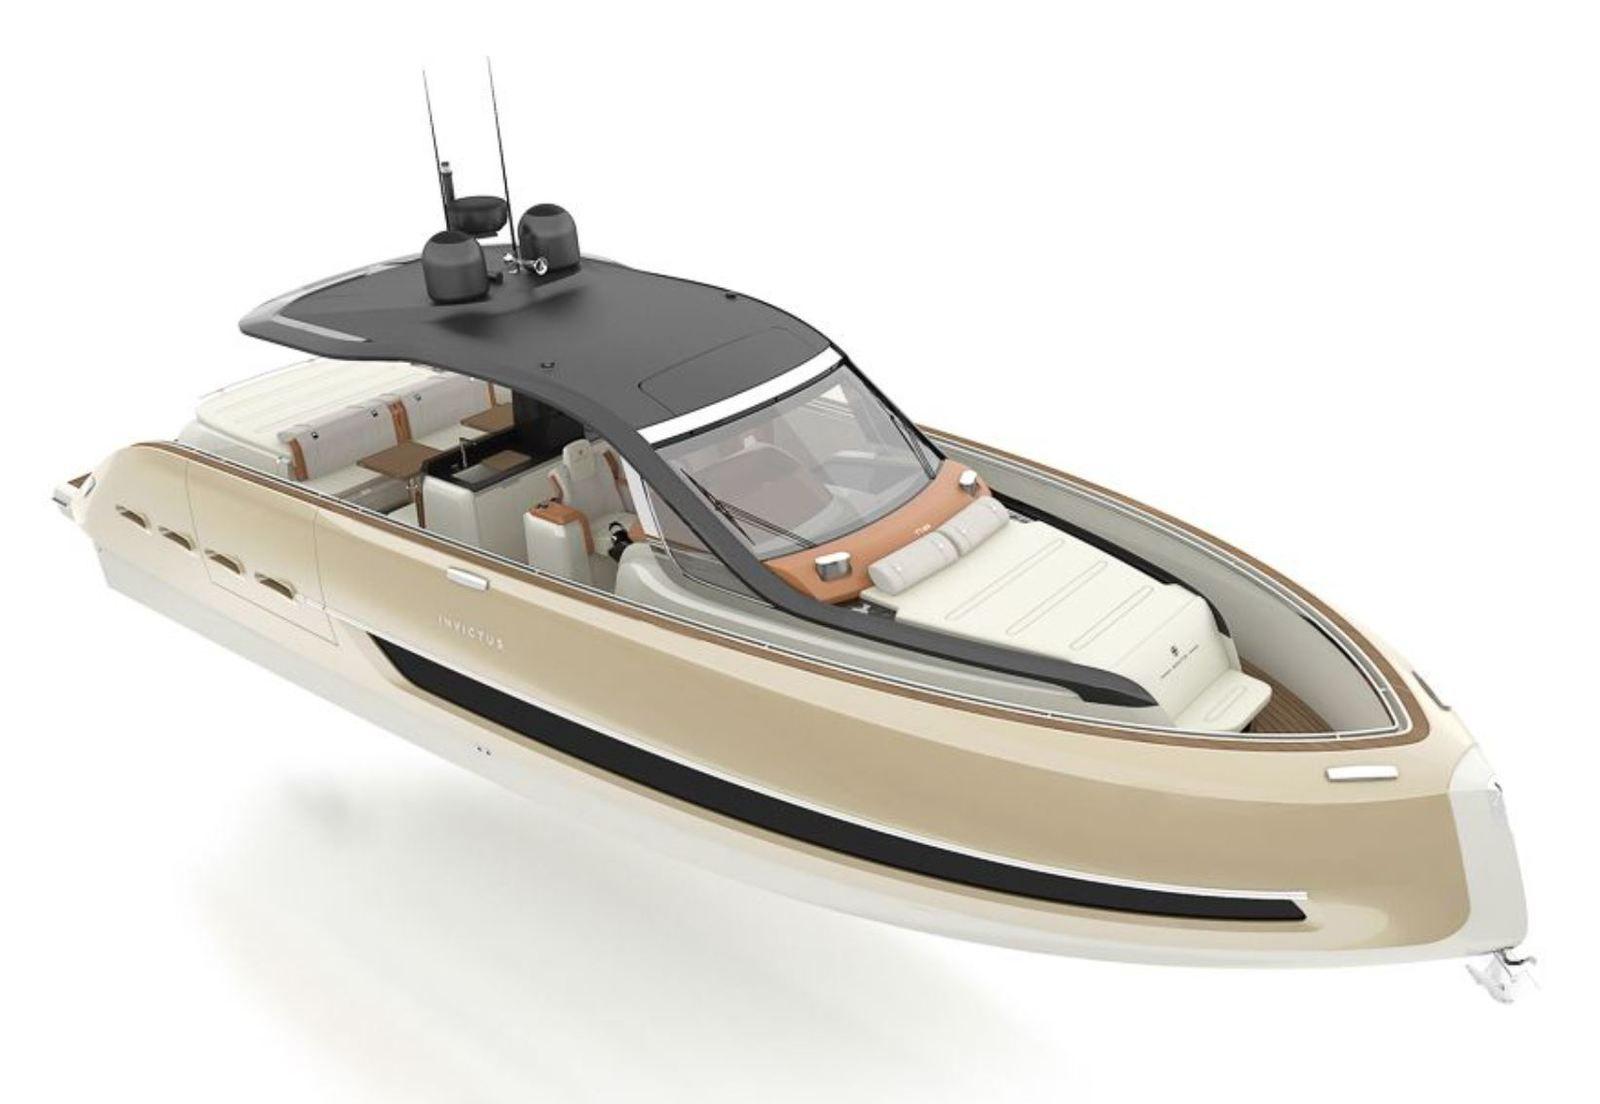 Invictus presenta la sua nuova ammiraglia, l'Invictus TT460